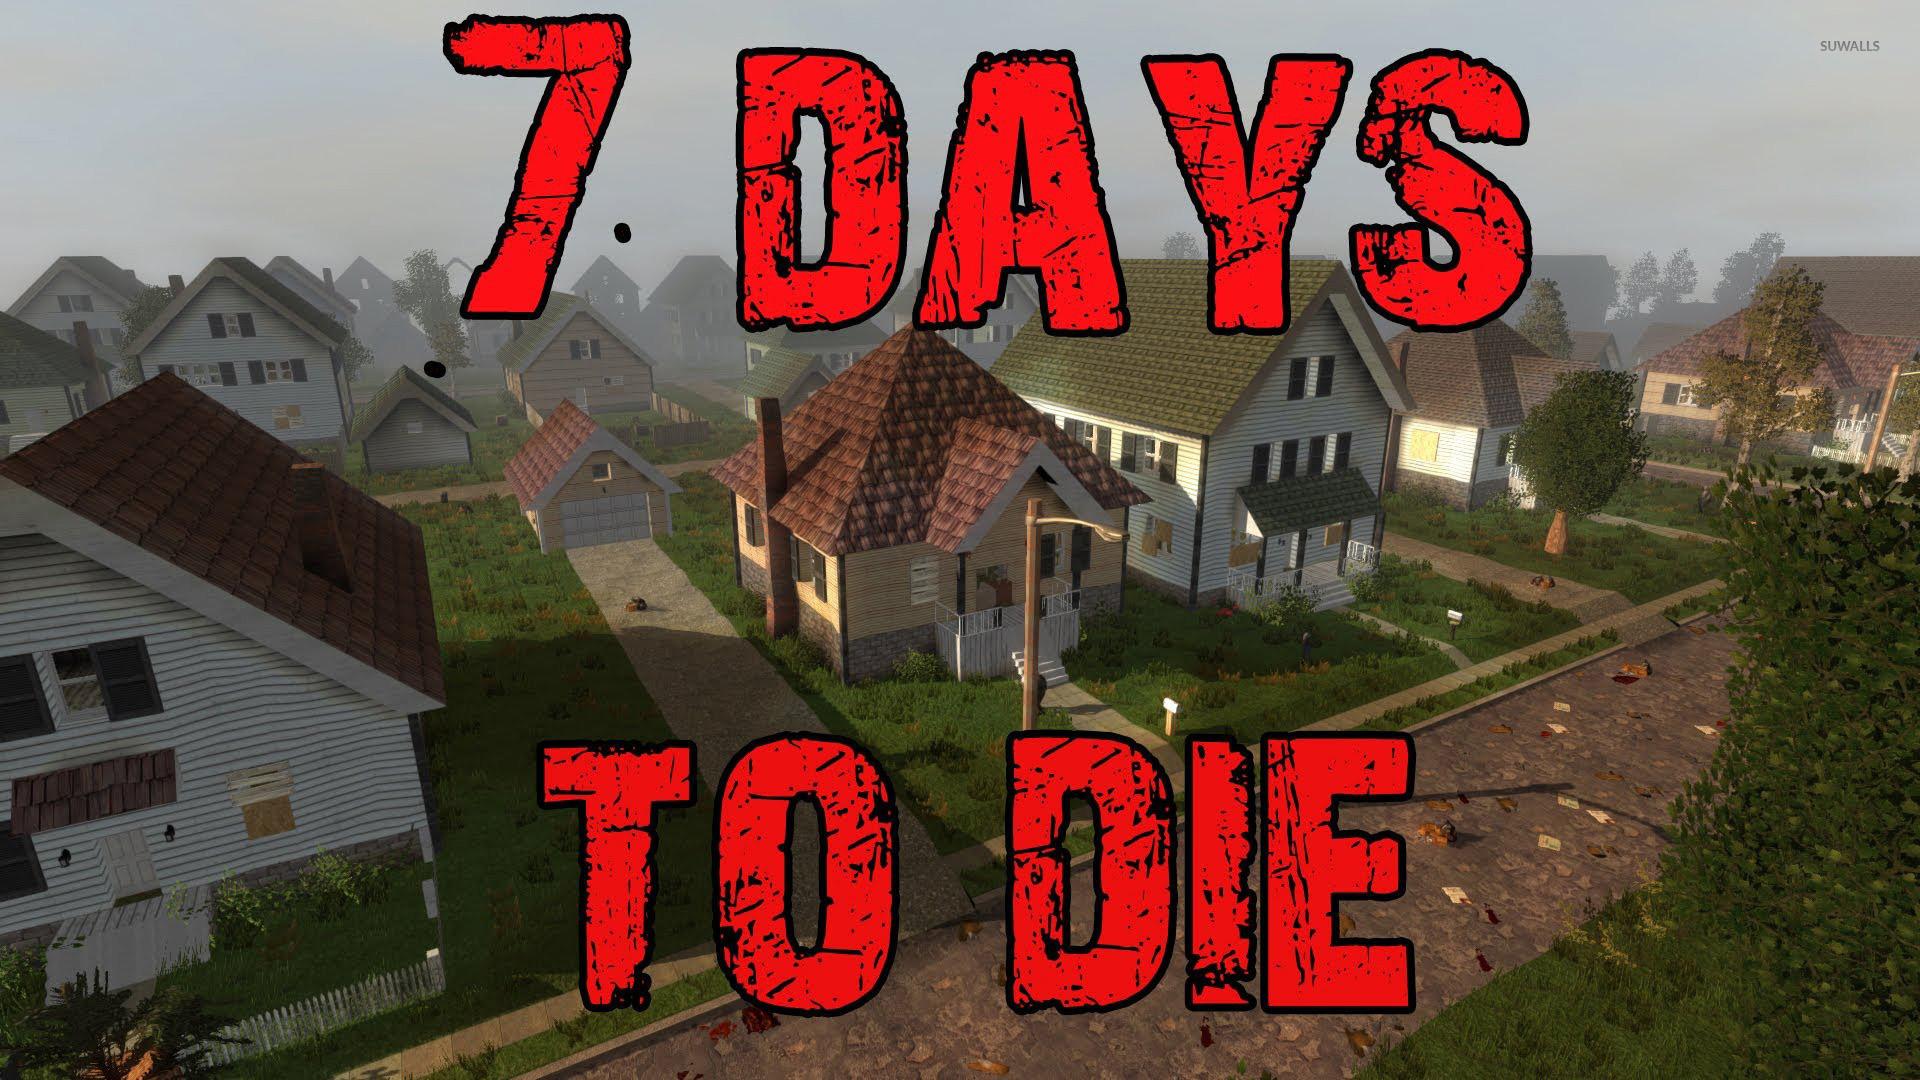 7 Days to Die wallpaper